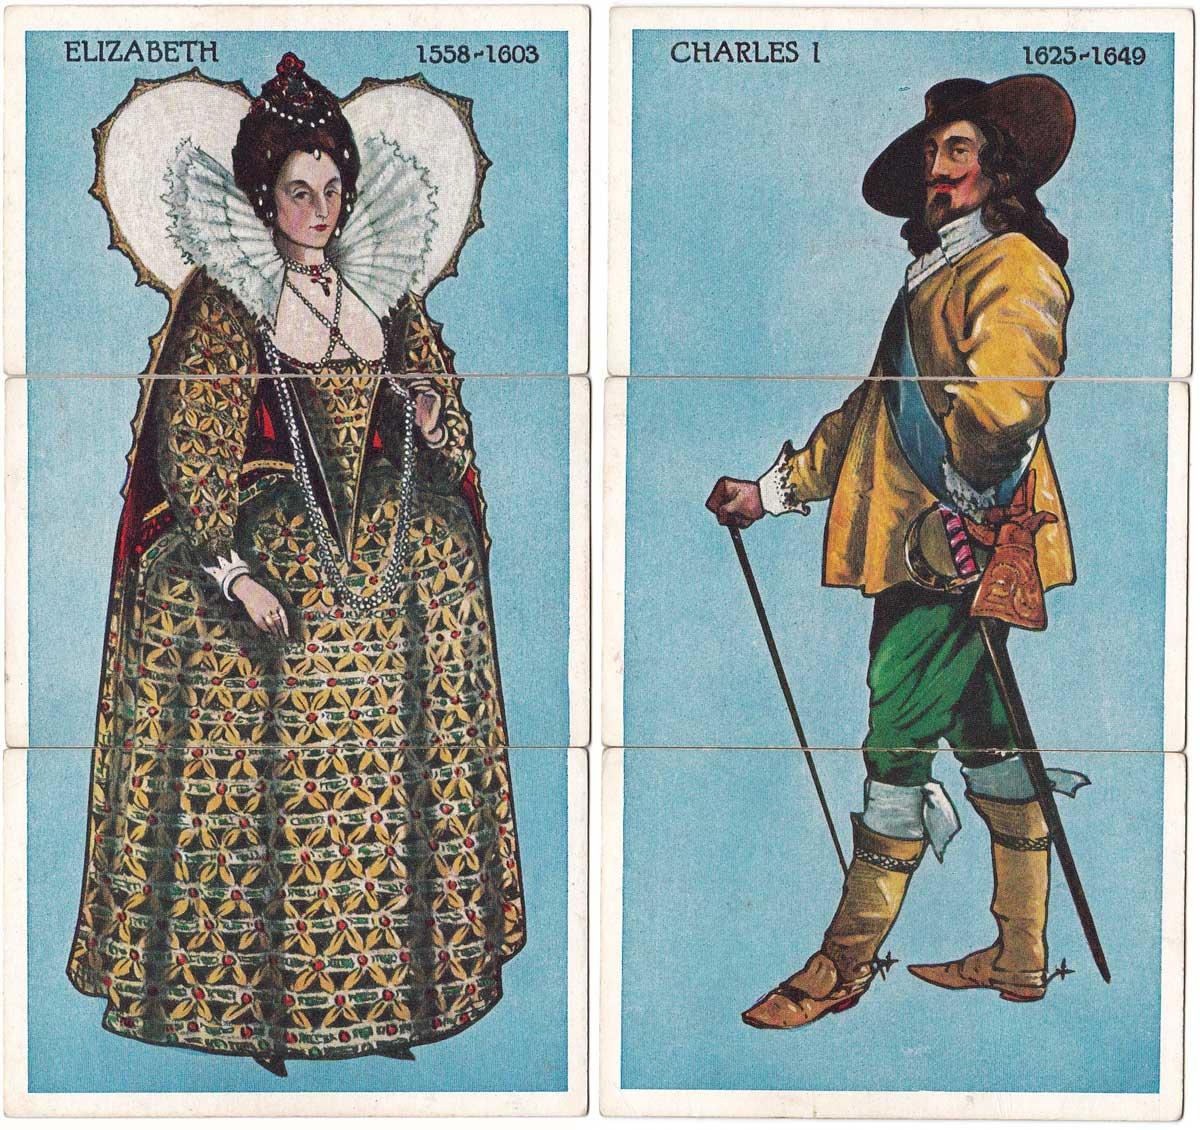 Kings & Queens of England Misfitz, c.1918